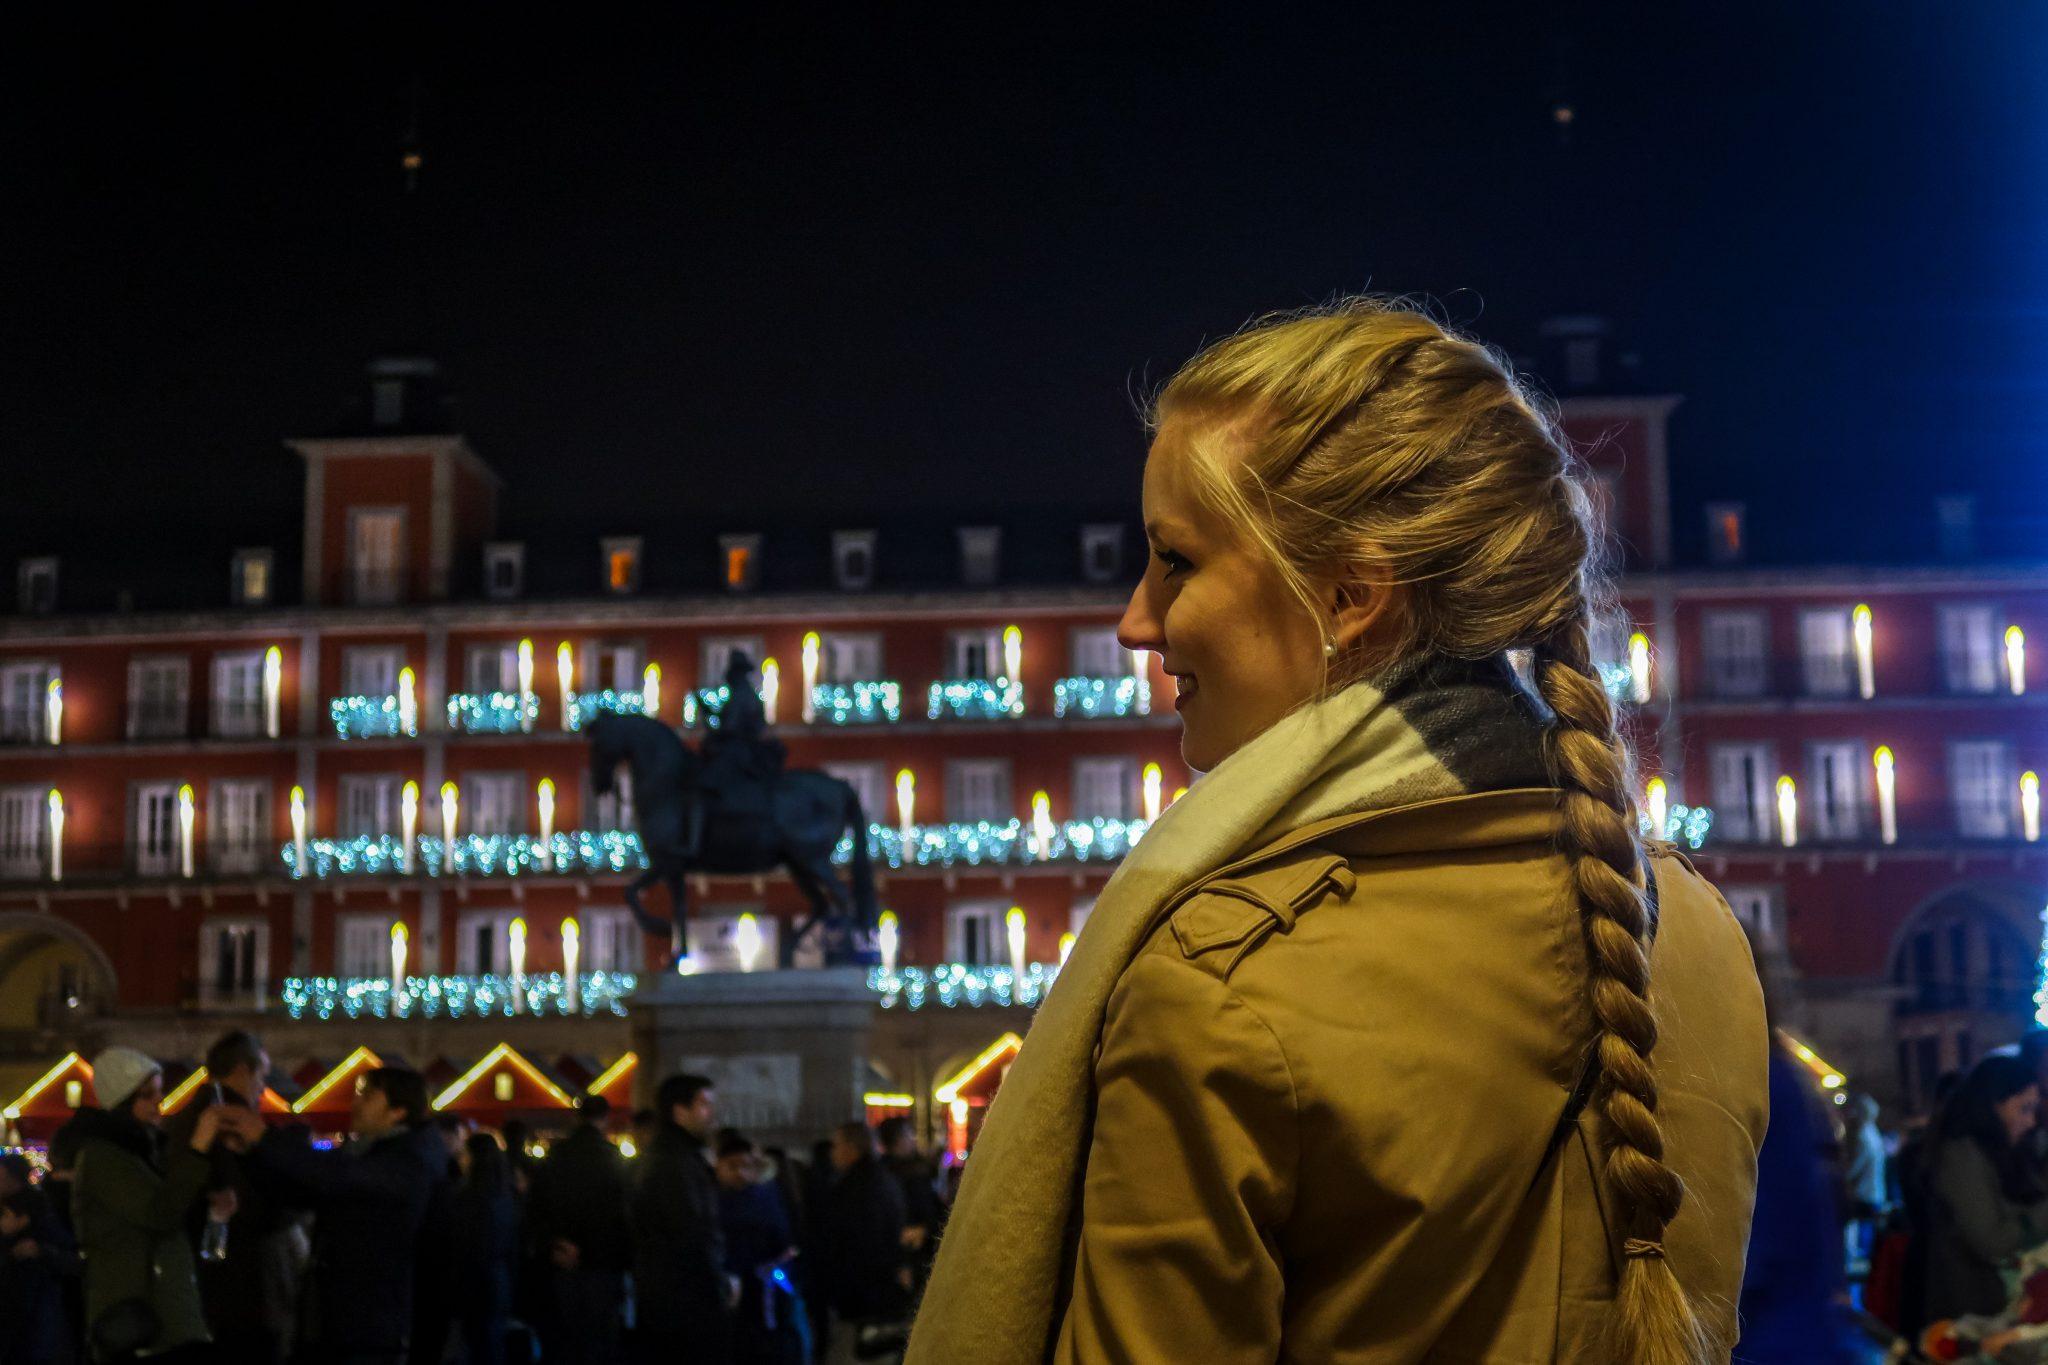 Einer der schönsten Weihnachtsmärkte, welche ich je besucht habe... Der Weihnachtsmarkt in Madrid